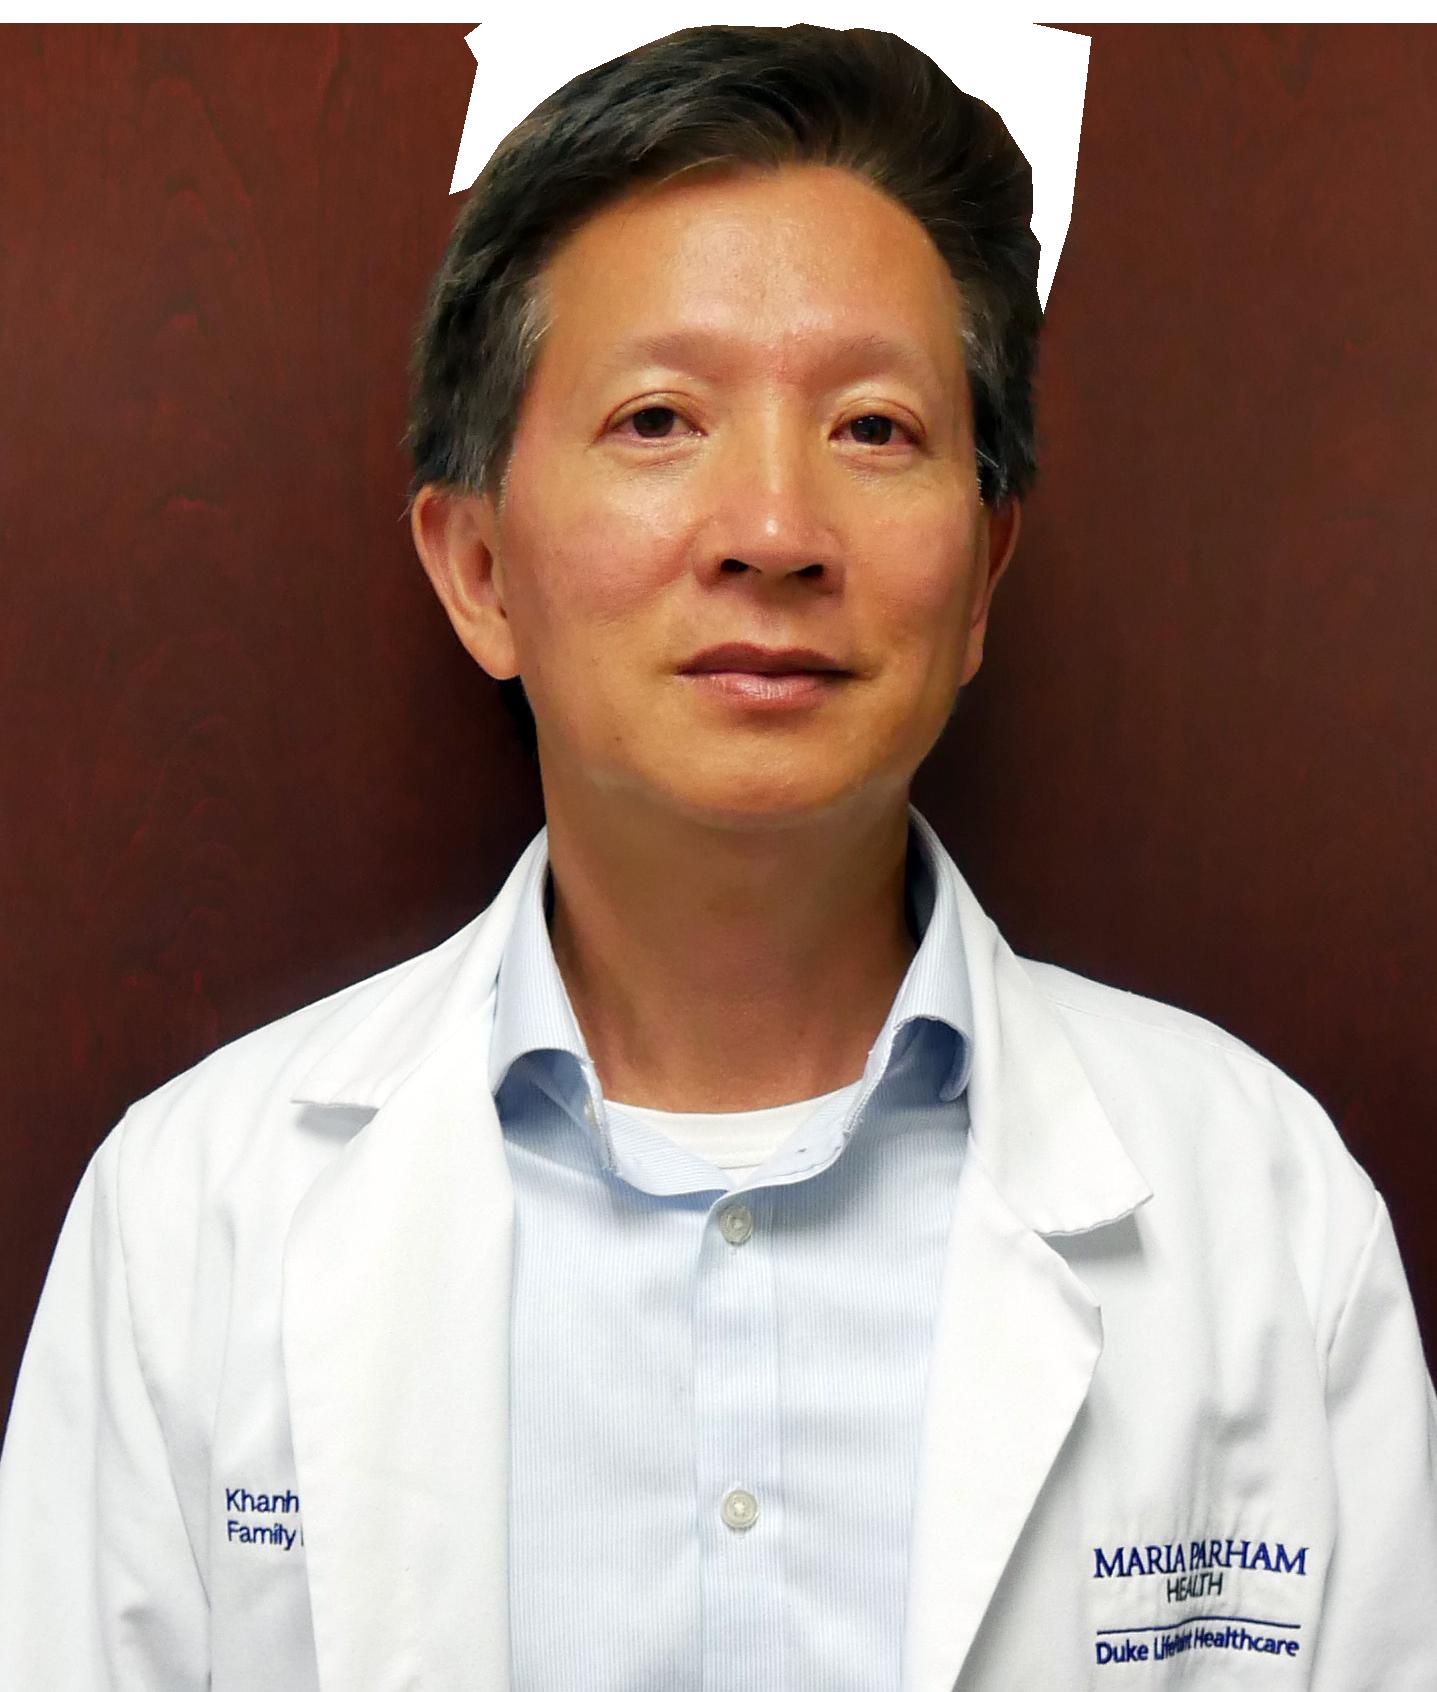 Dr. Khanh T. Vu